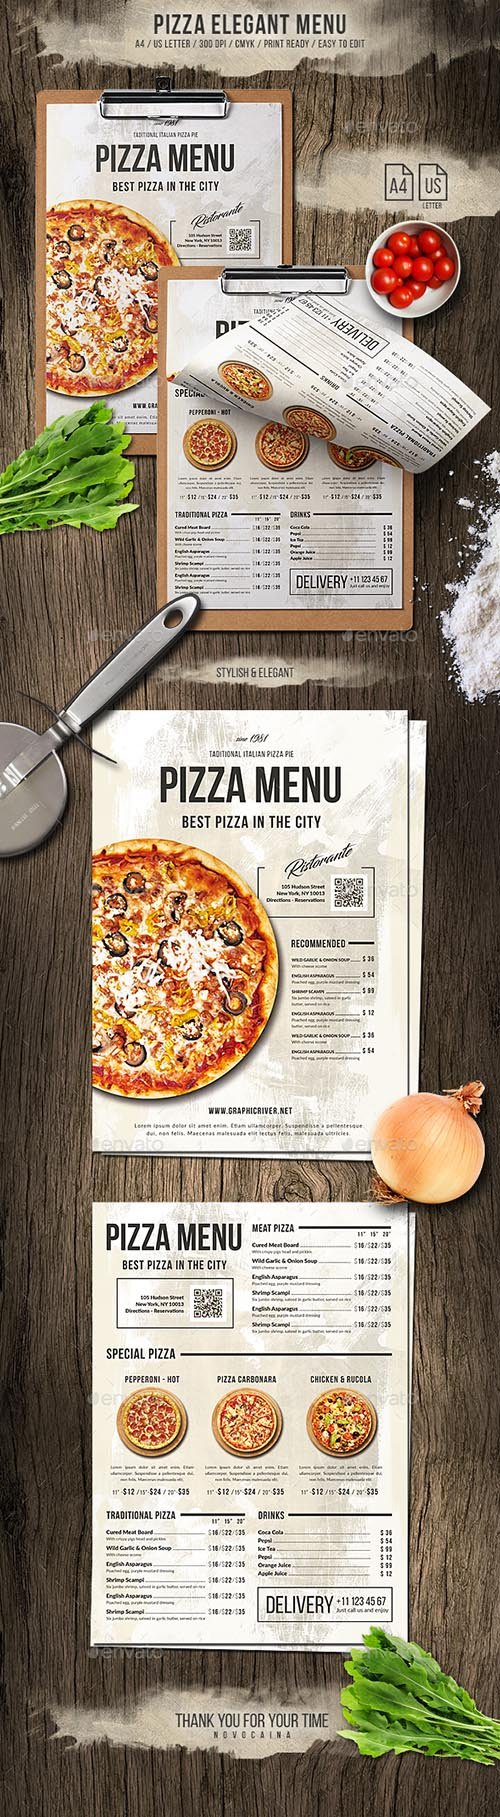 GR - Pizza Elegant Menu - A4 and US Letter 20030786